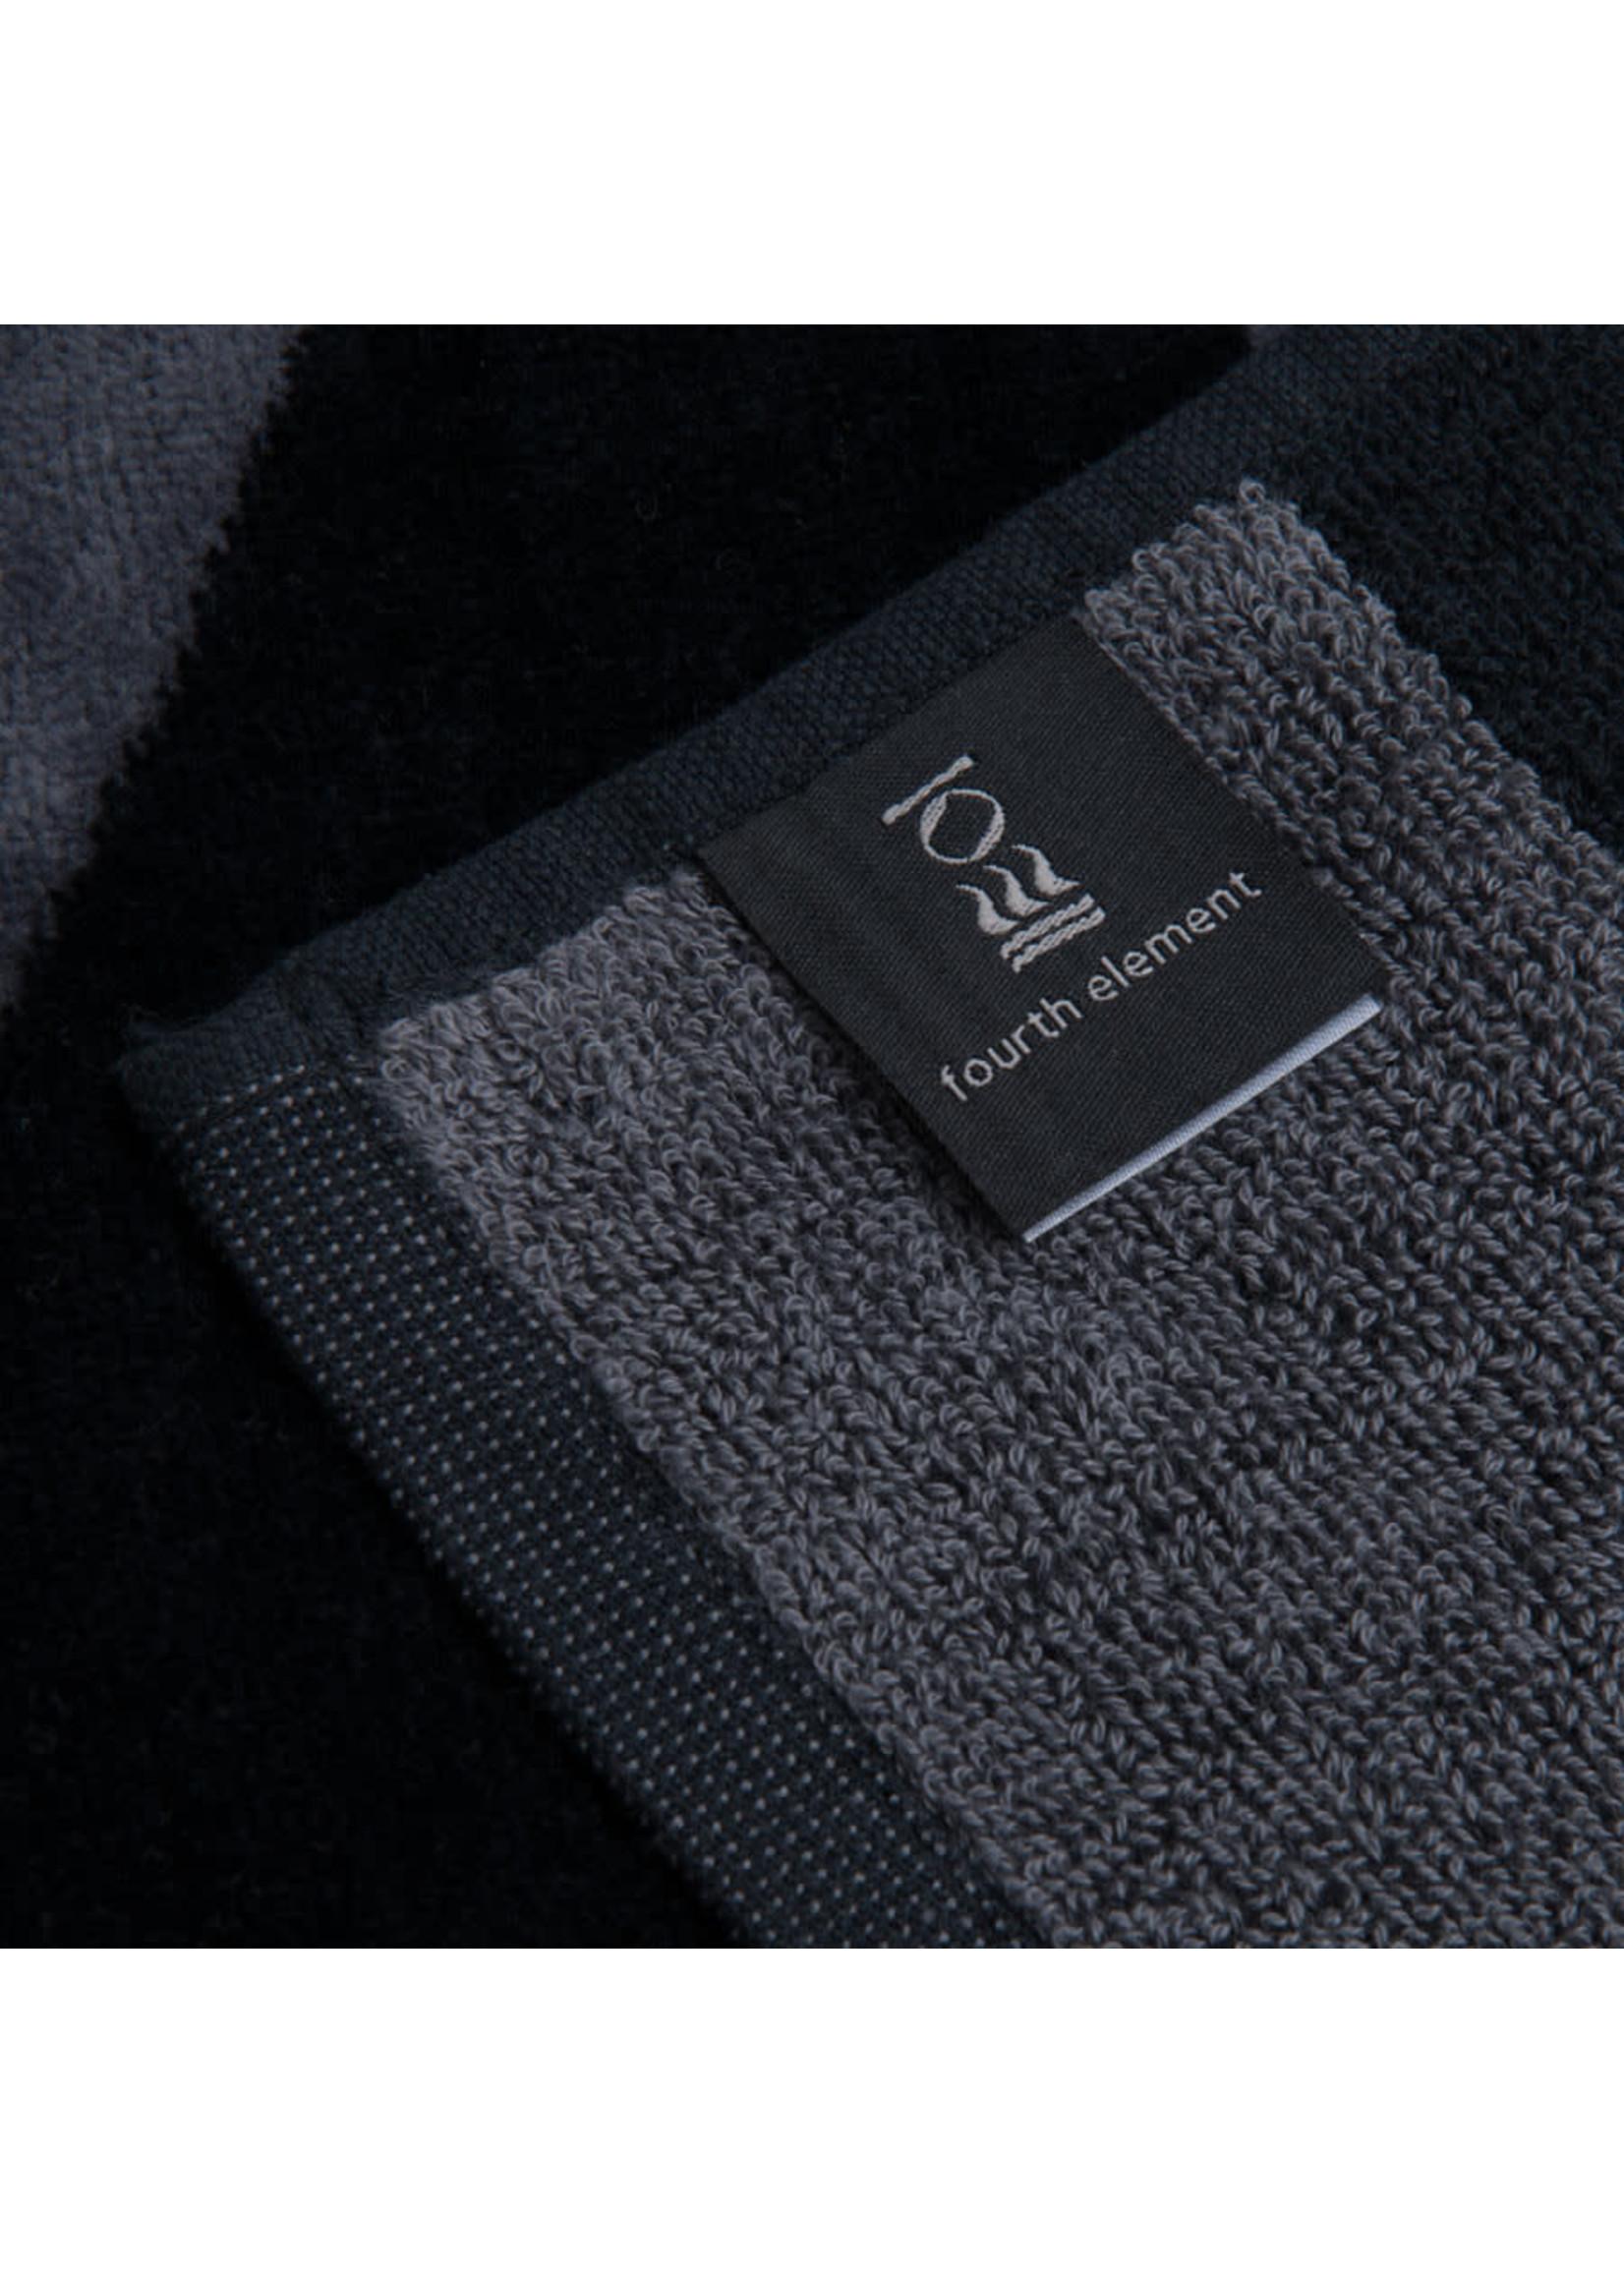 Fourth Element Fourth Element Drysuit Diver Towel